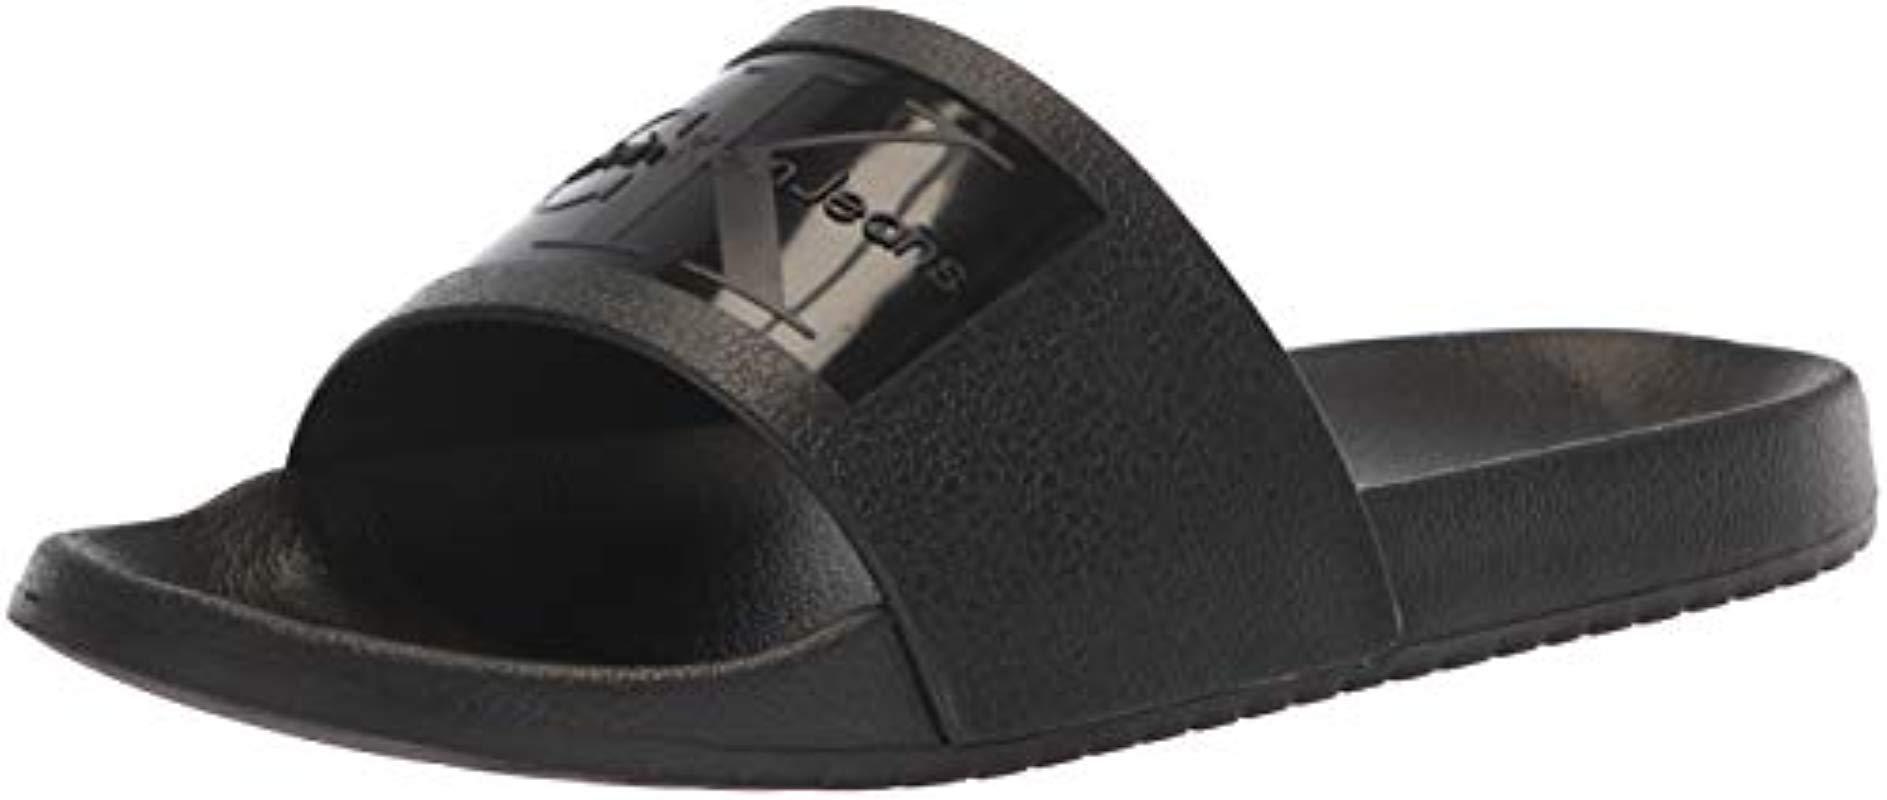 e37ed9a38bc78 Calvin Klein Vincenzo Jelly Slide Sandal in Black for Men - Lyst